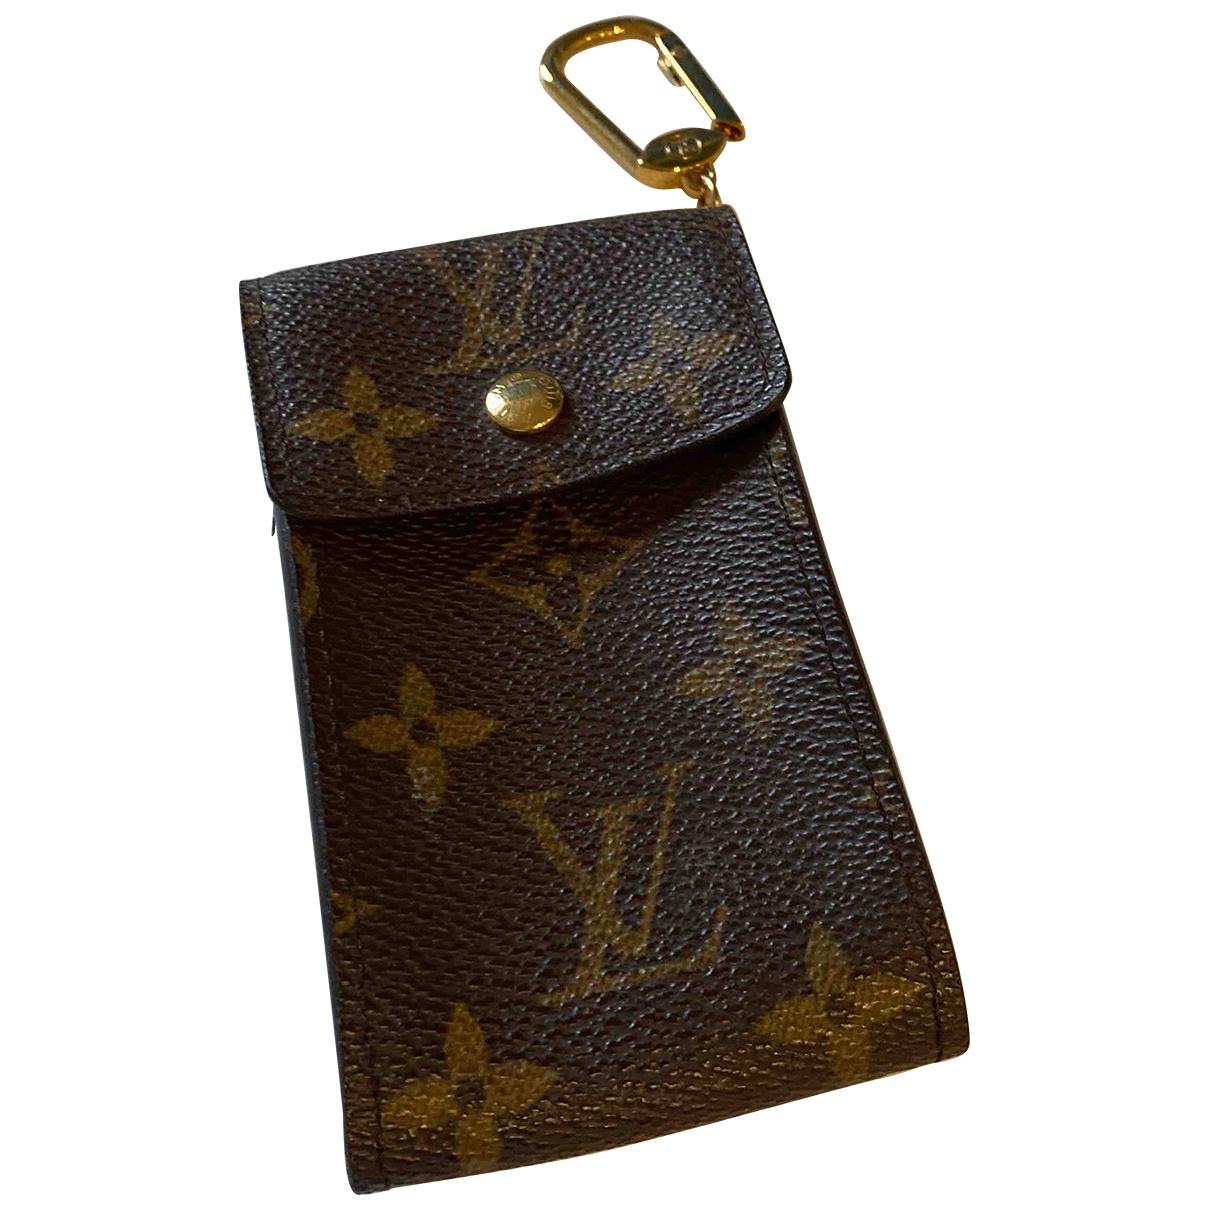 Louis Vuitton - Petite maroquinerie Zoe pour femme en autre - marron